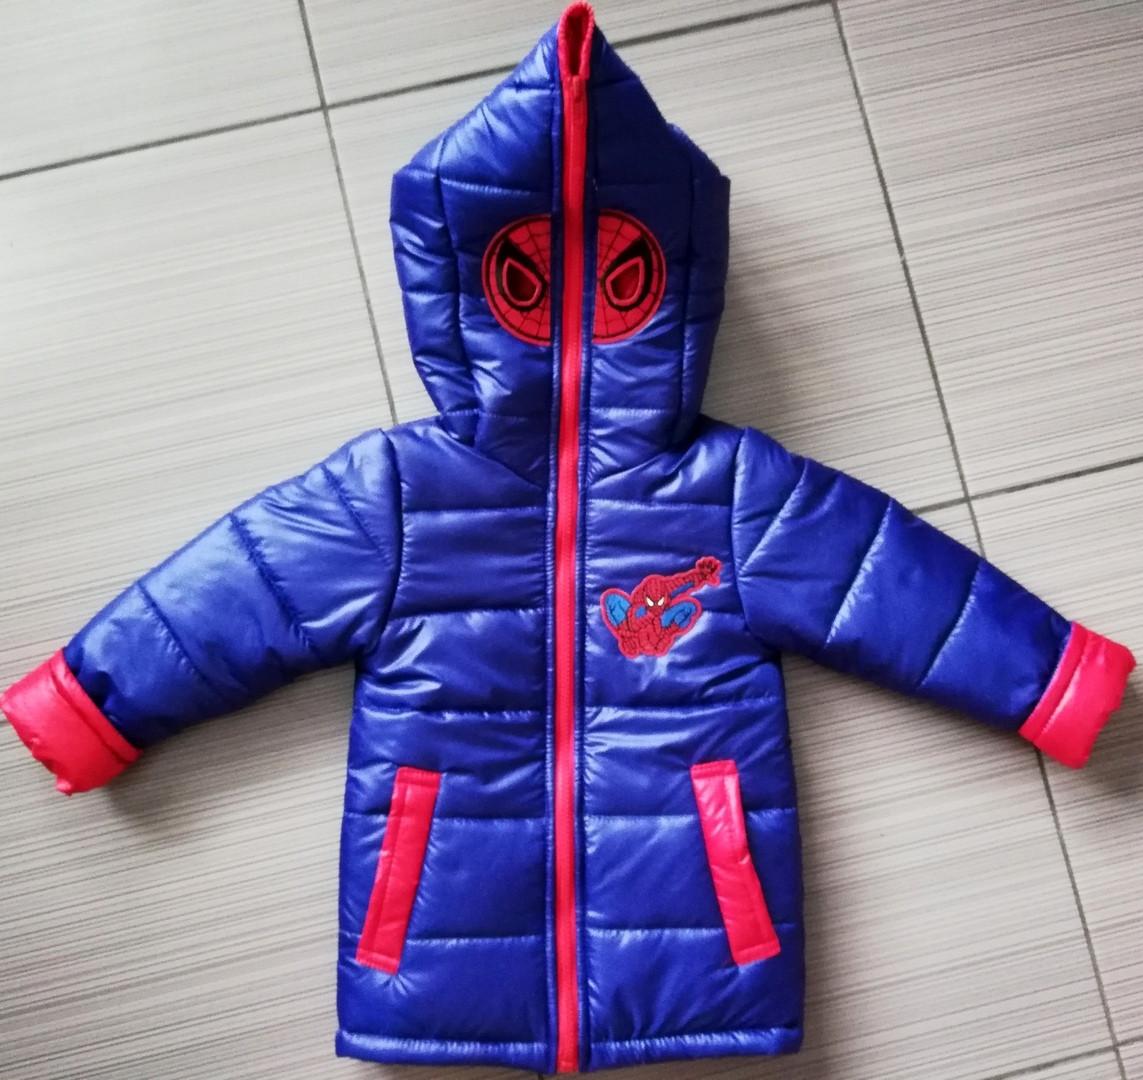 Демисезонная детская куртка Человек Паук с вырезами для глаз на капюшоне